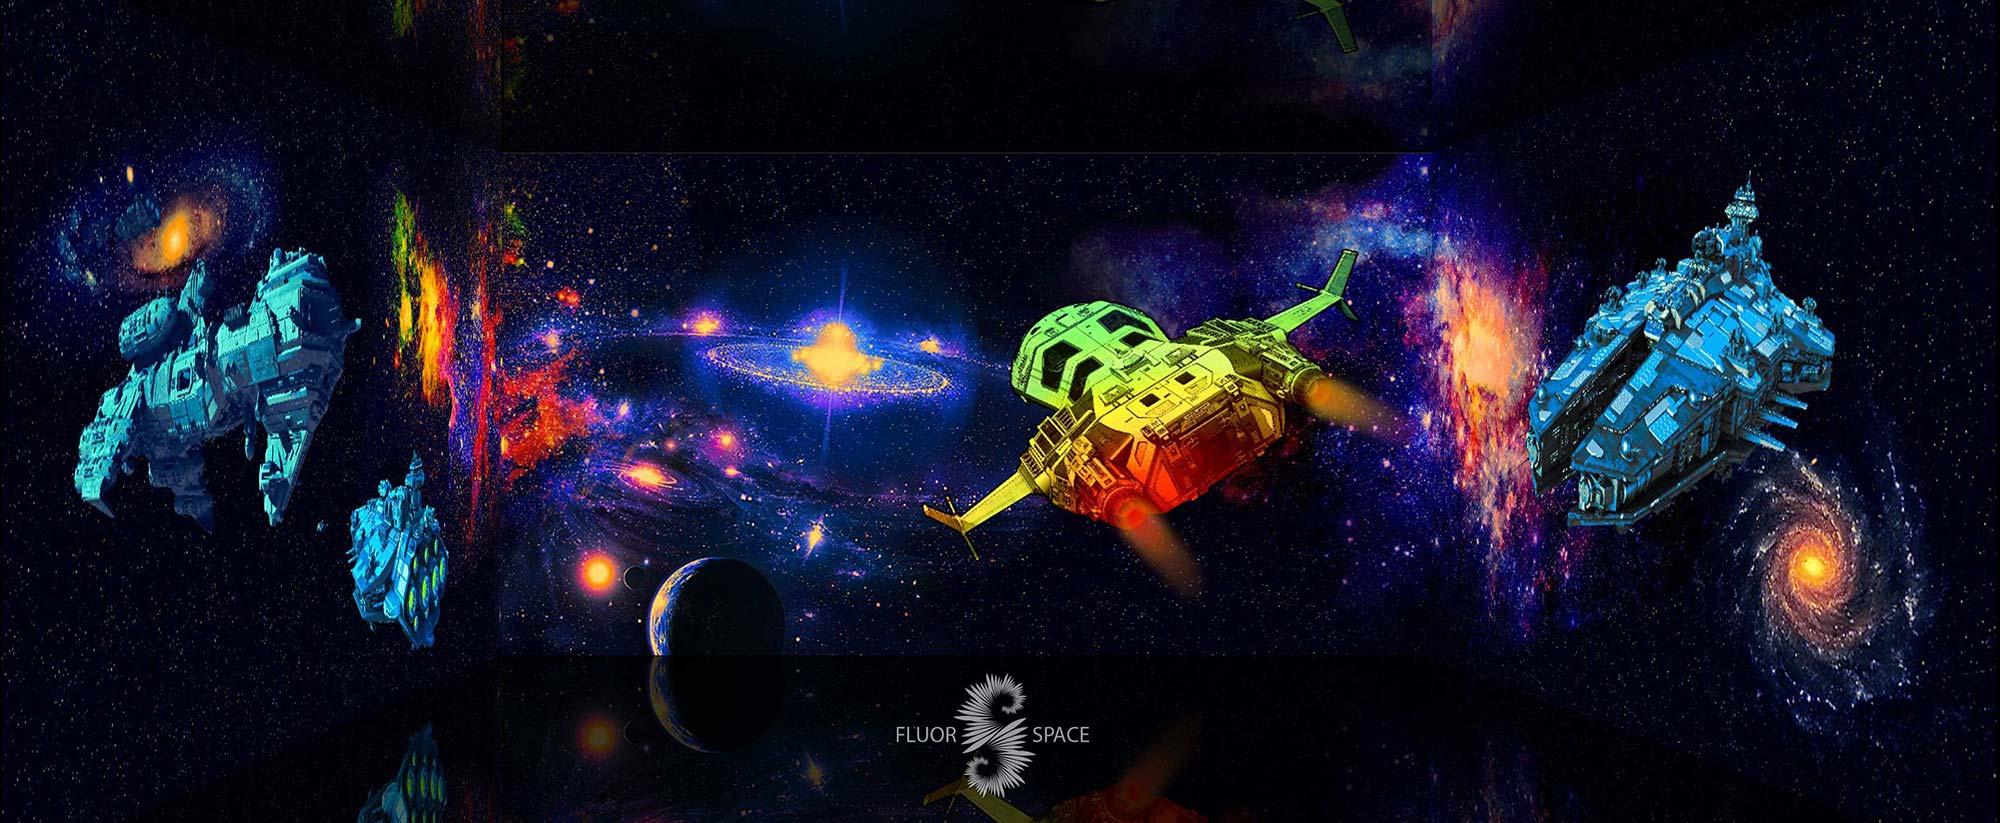 Открытый космос - флуоресцентные хроматические 3D декорации